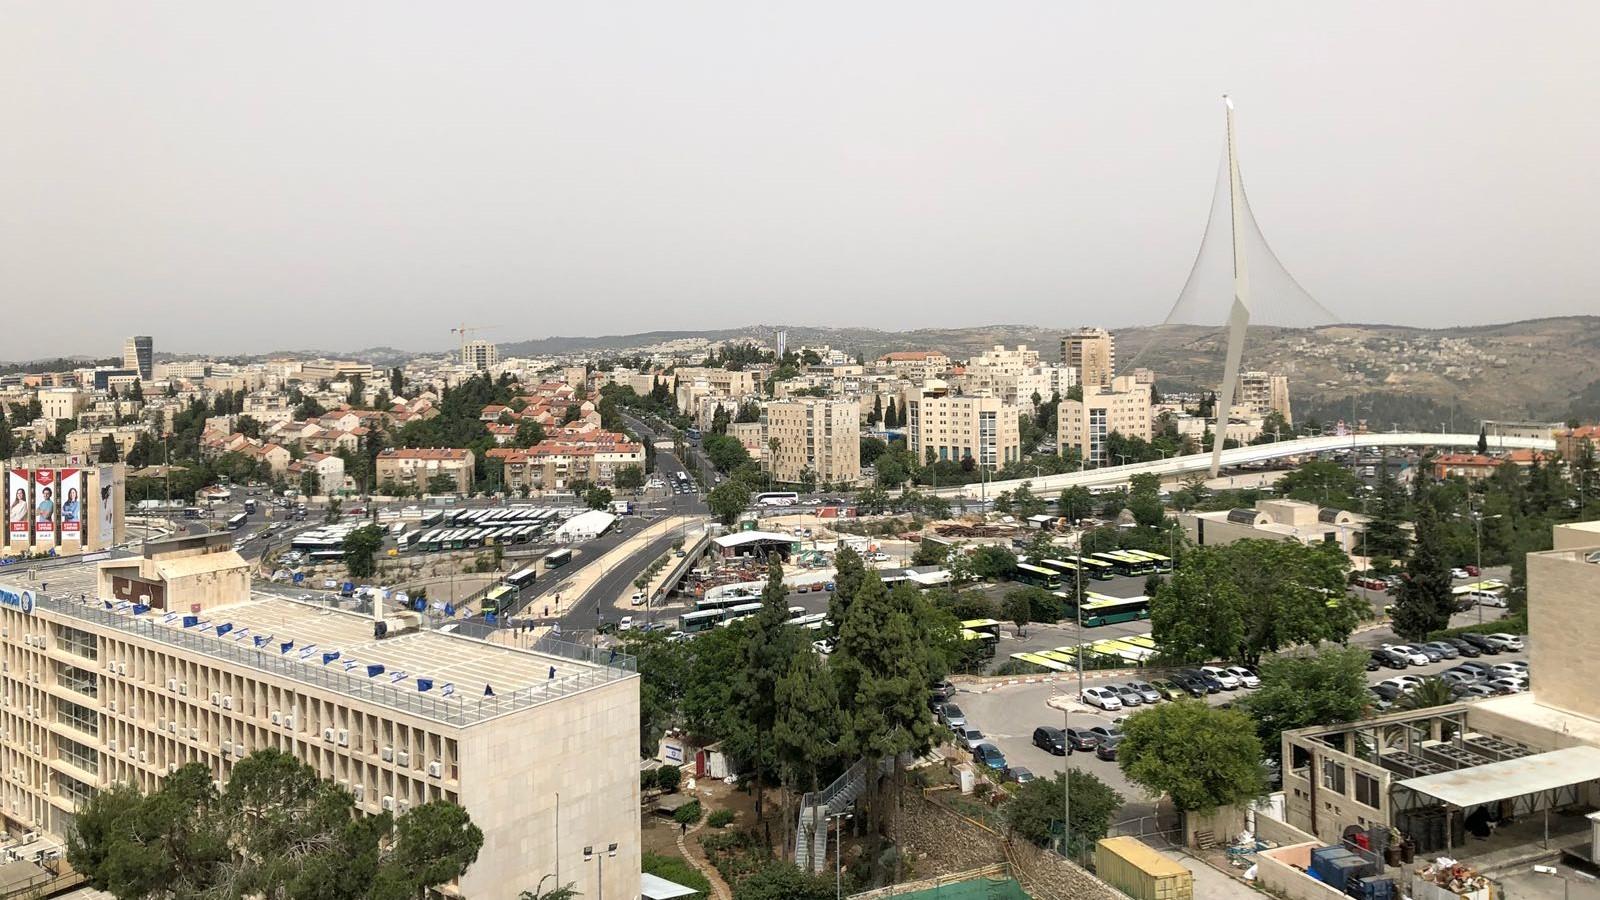 ירושלים: למעלה מ-80 בתי כנסת חדשים נמצאים בשלבי בנייה